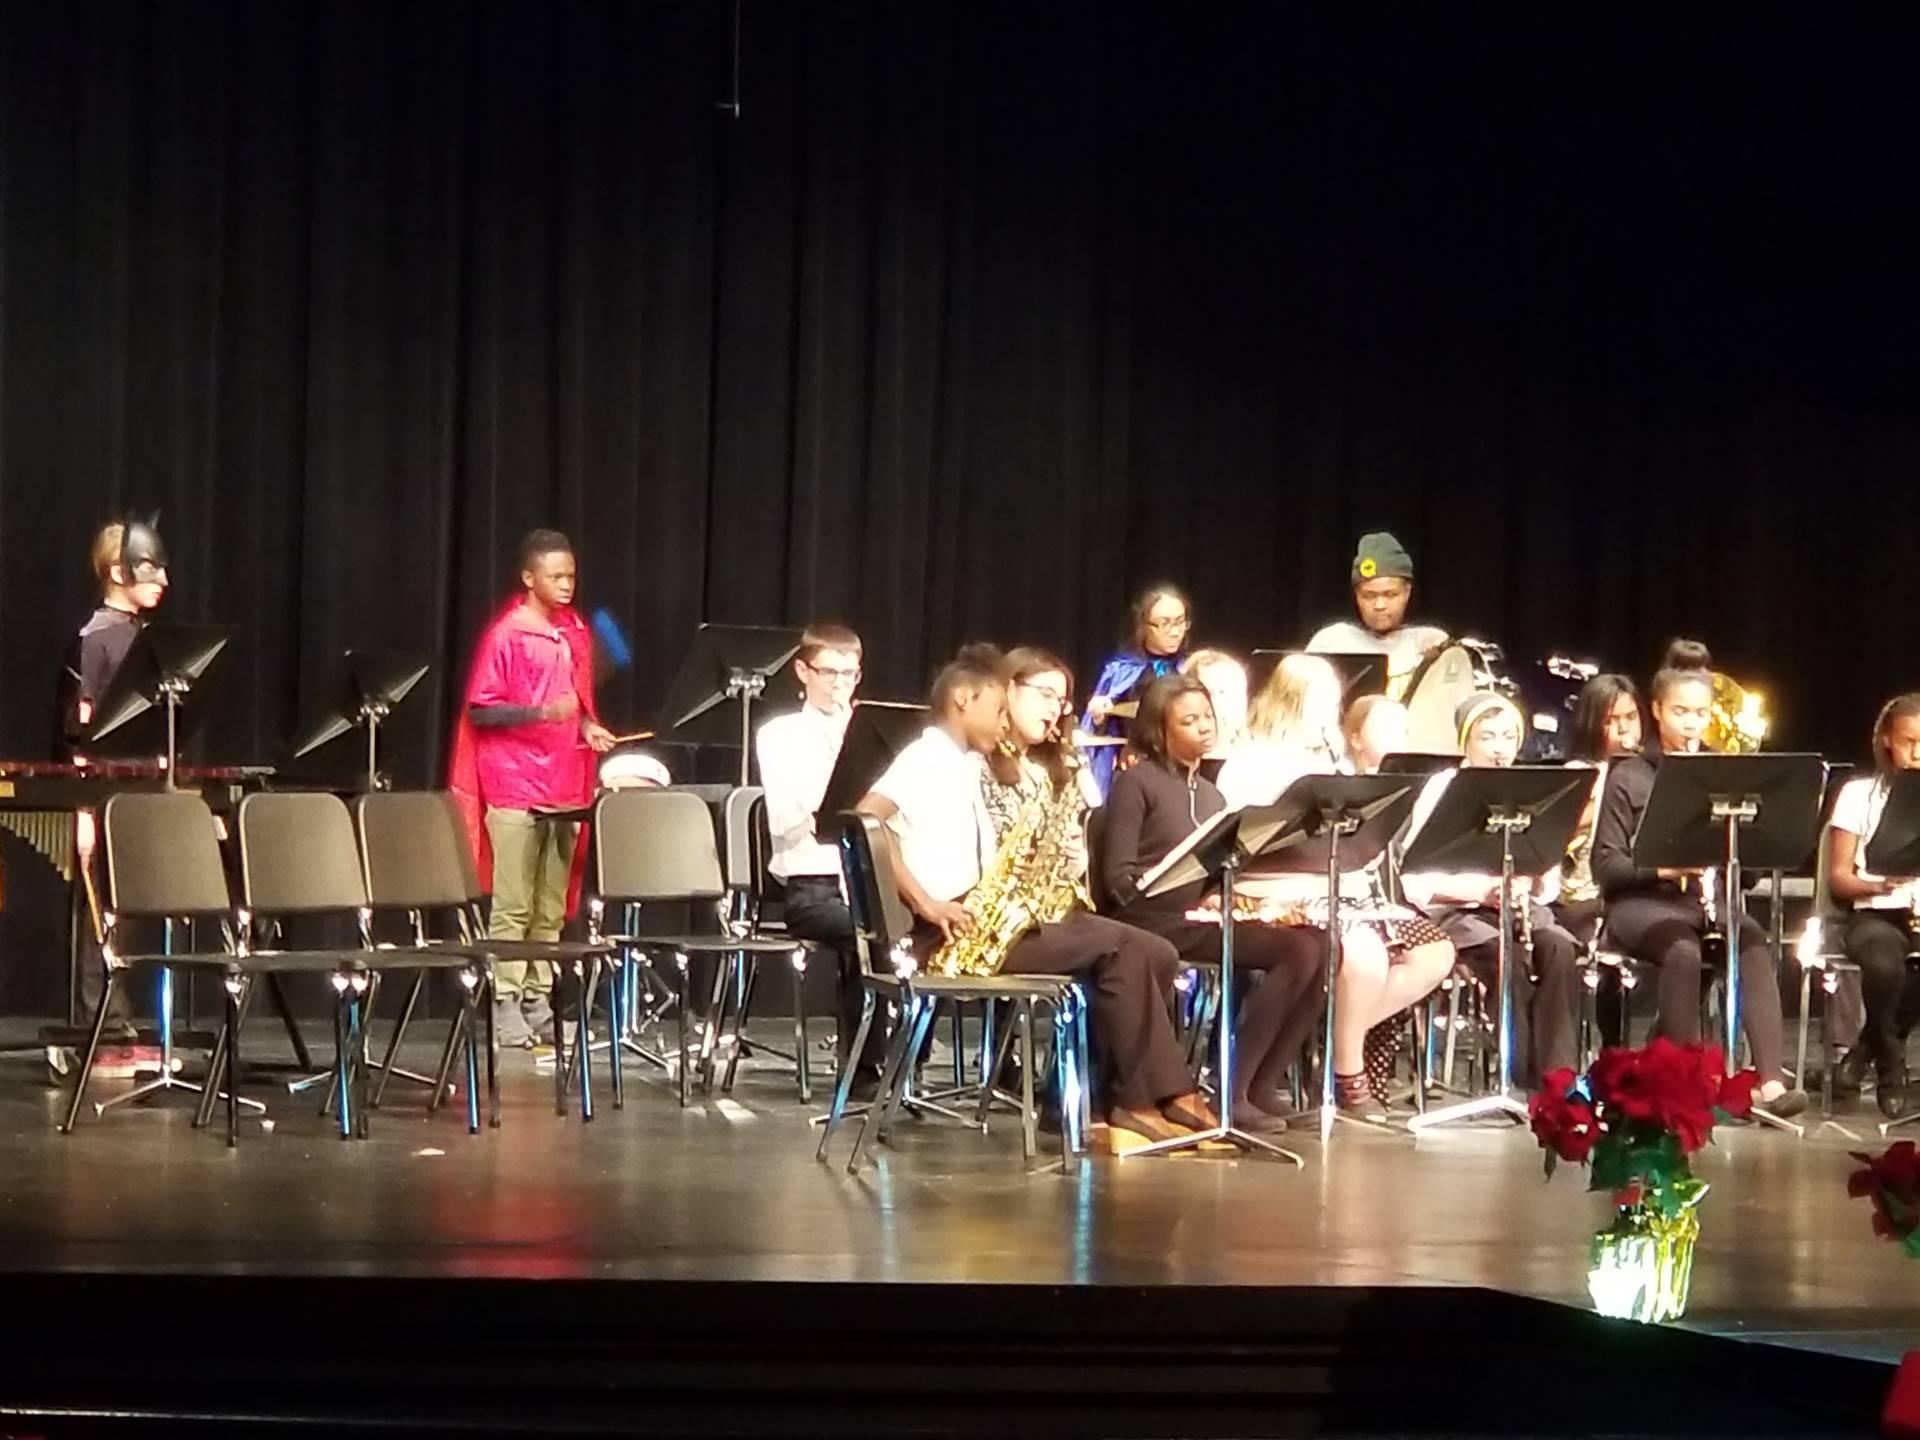 8th grade band